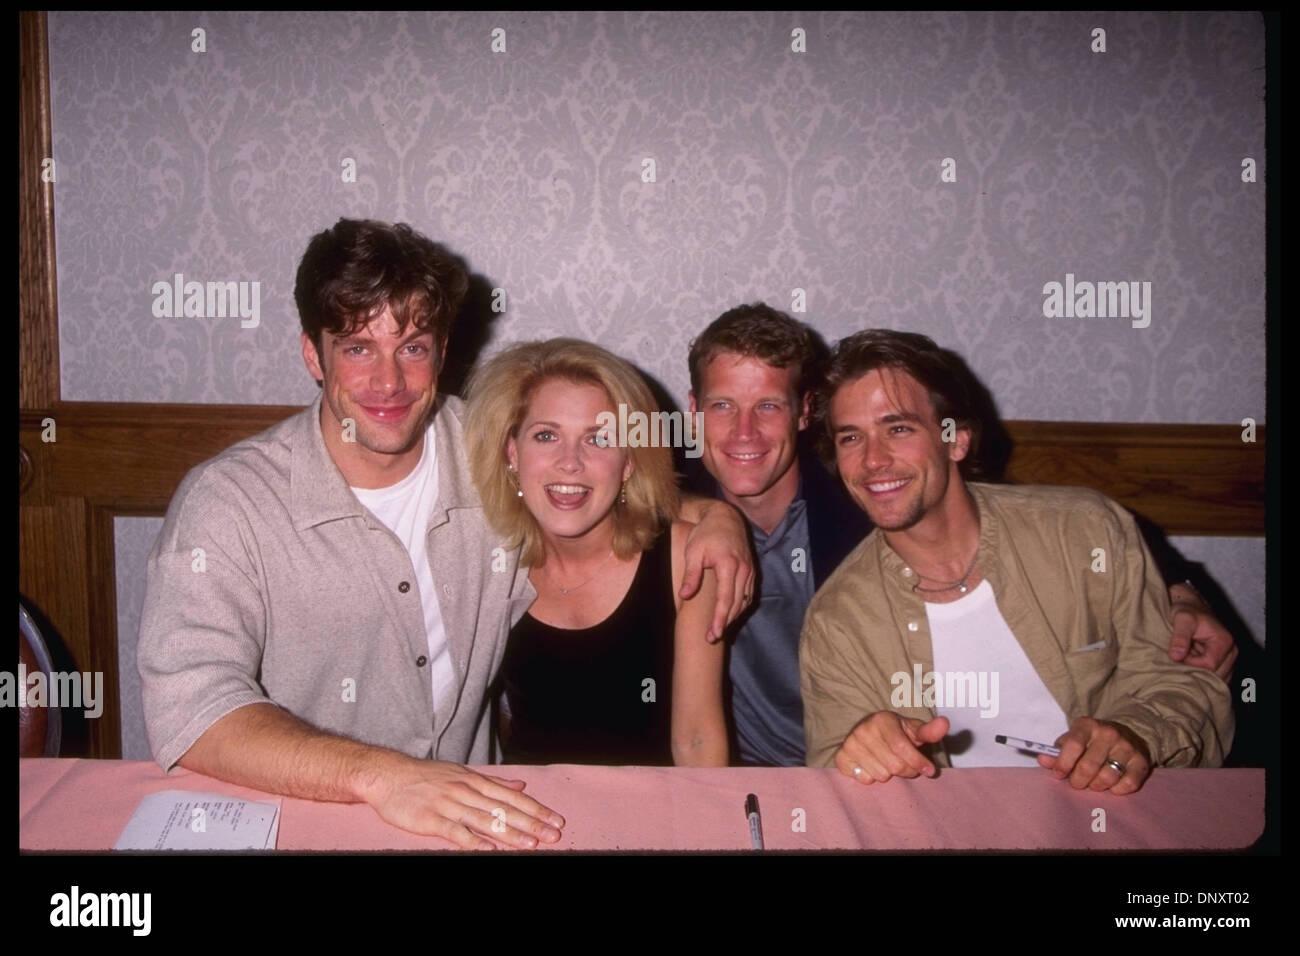 may-26-1995-hollywood-ca-usa-jason-brook